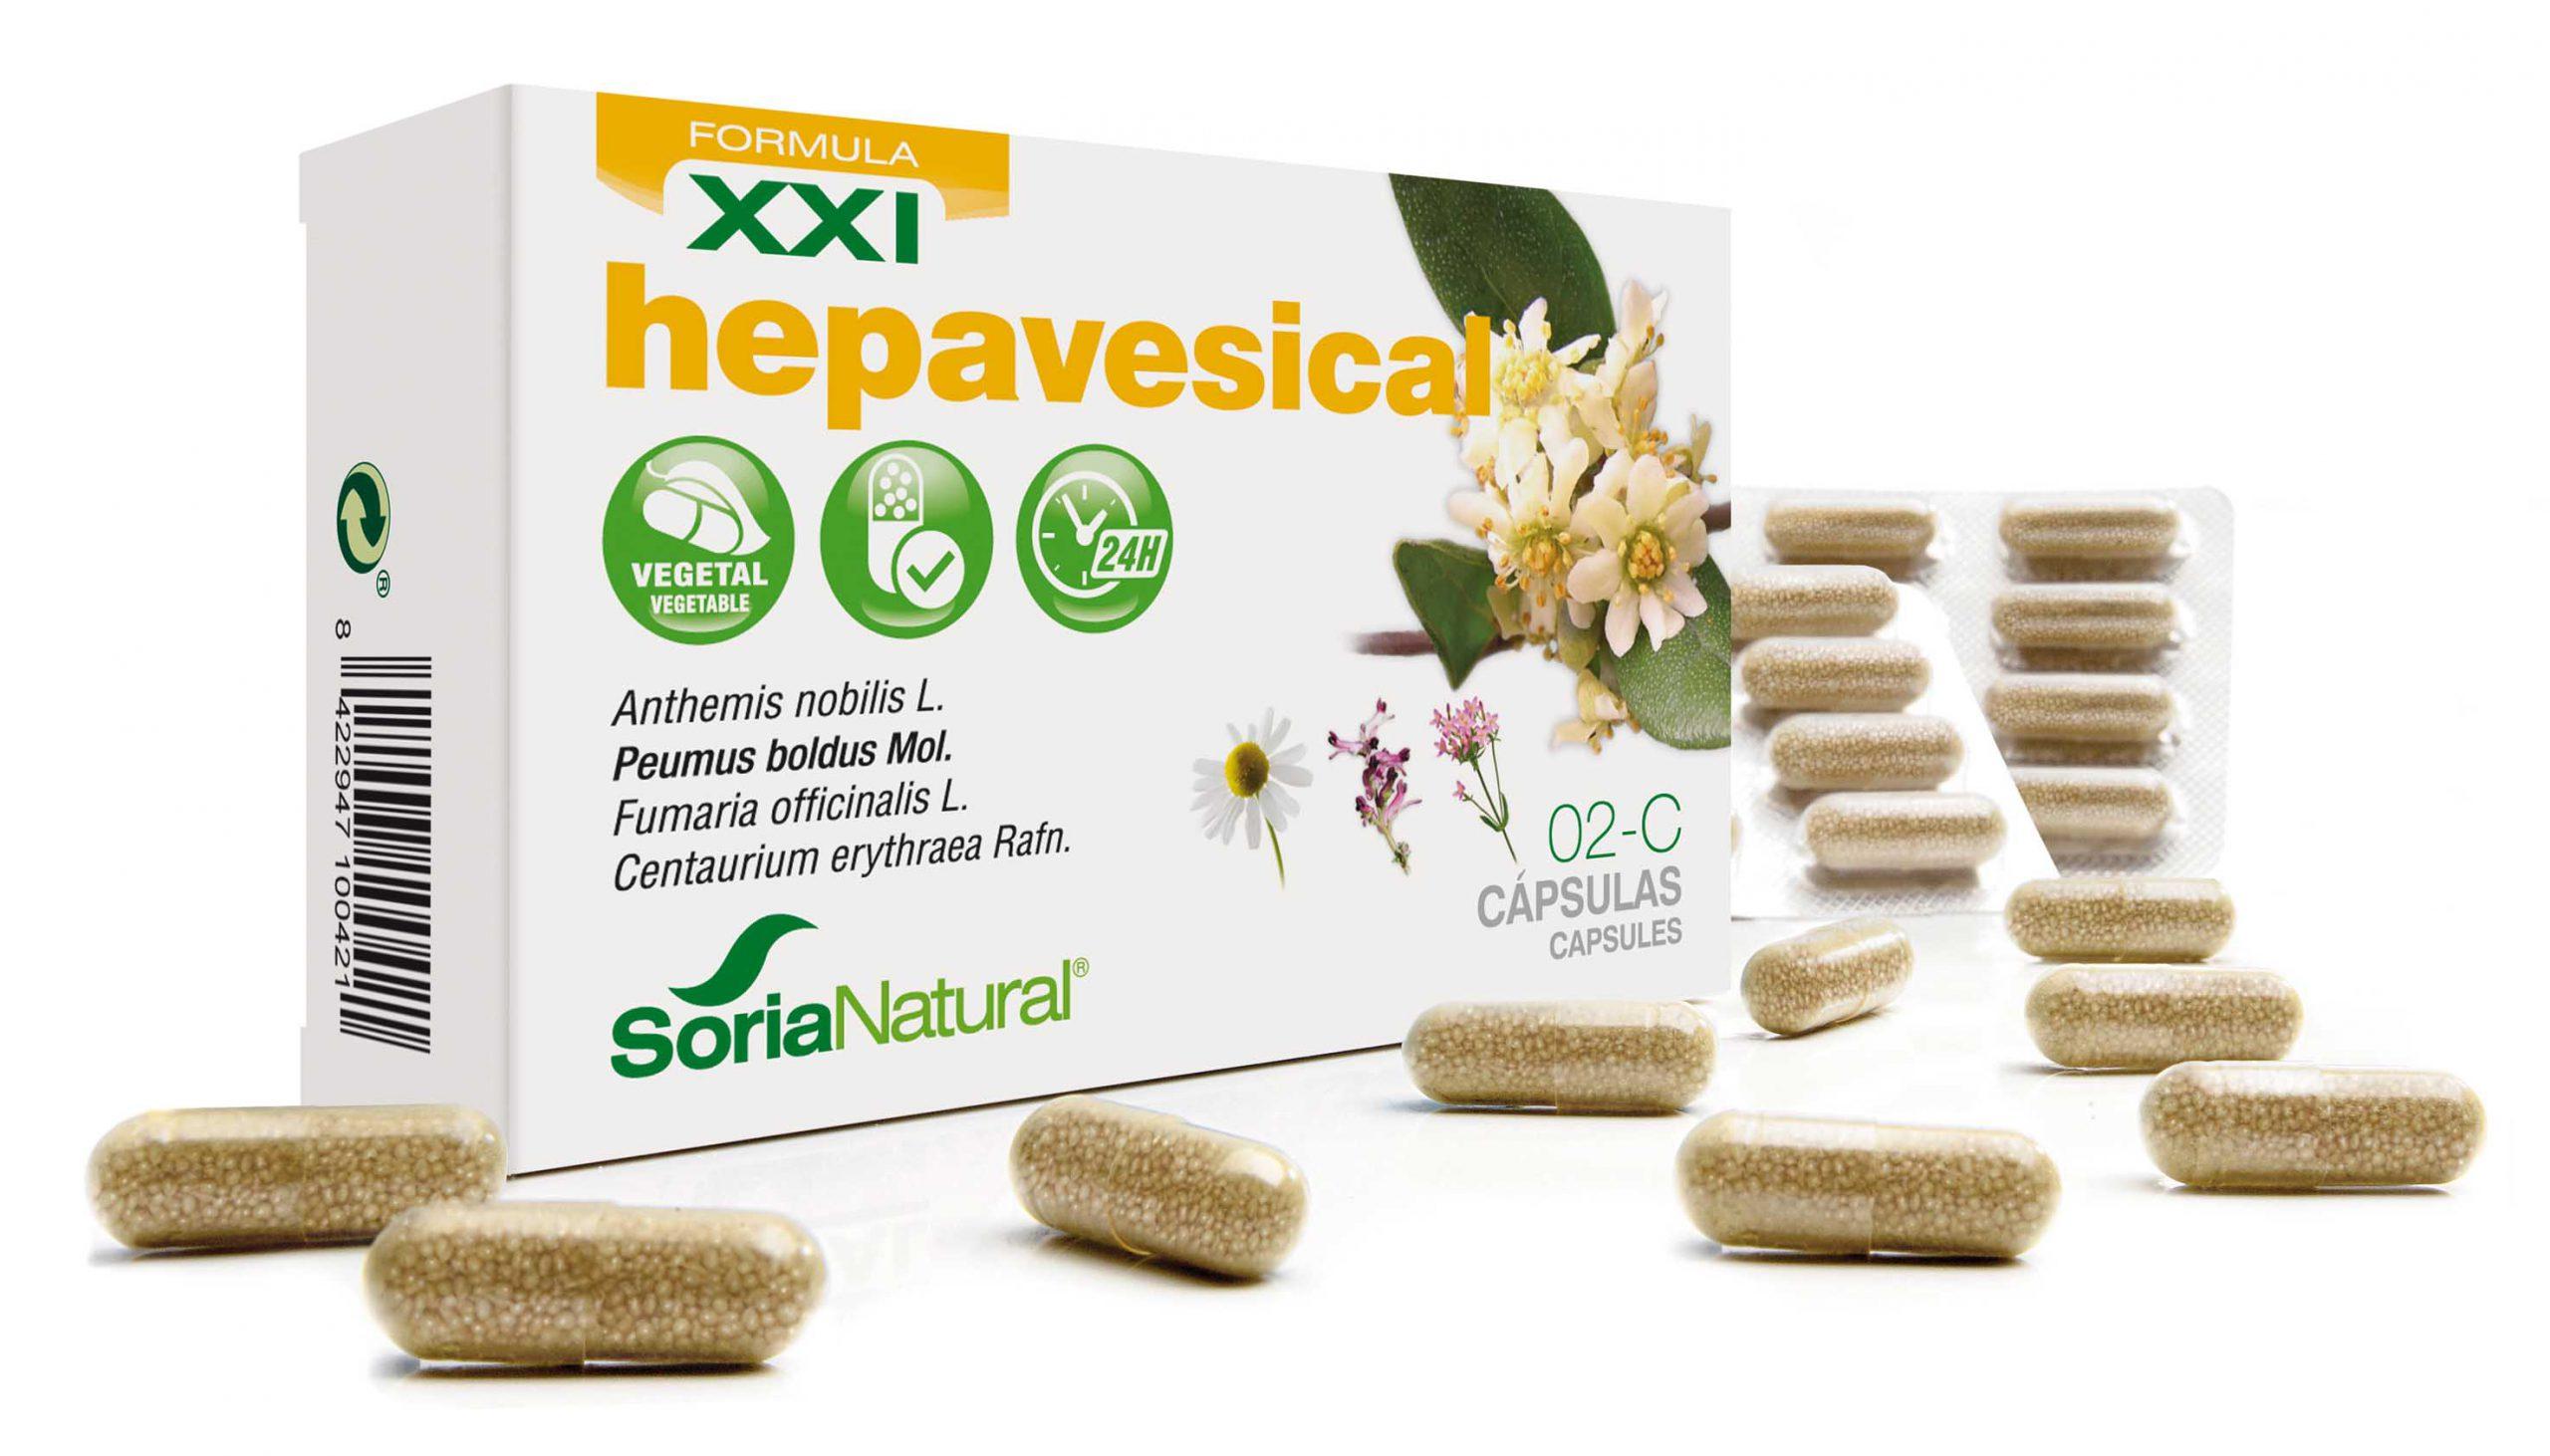 02-C Hepavesical XXI